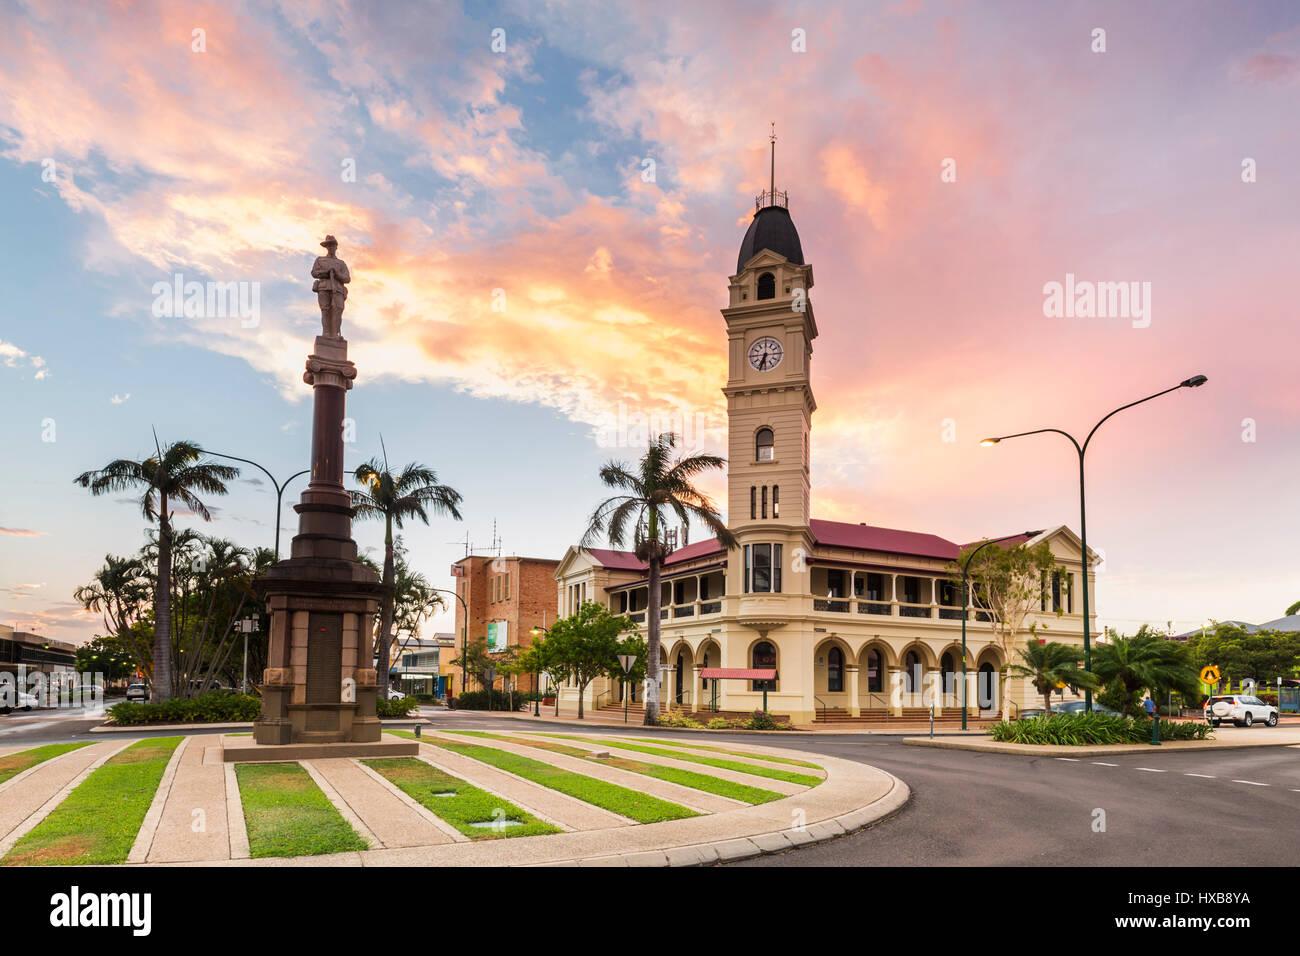 Vista al tramonto del Bundaberg Post Office e la torre dell orologio. Bundaberg, Queensland, Australia Immagini Stock